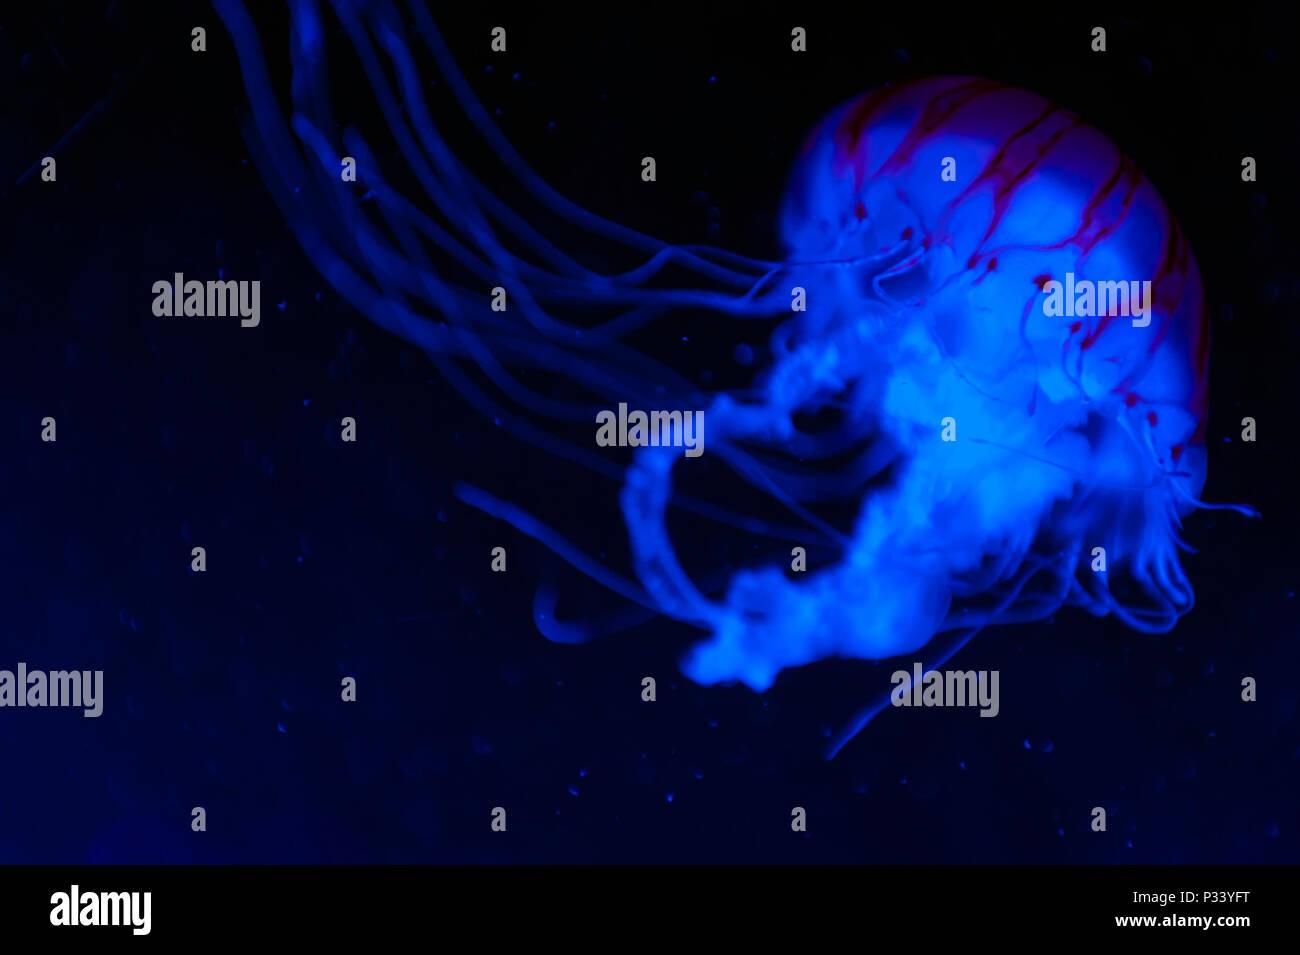 La méduse à rayures violet (Chrysaora colorata) une espèce de méduse, mer de l'ortie, medusa (Medusozoa), les animaux marins, croissant sous lumière noire Photo Stock